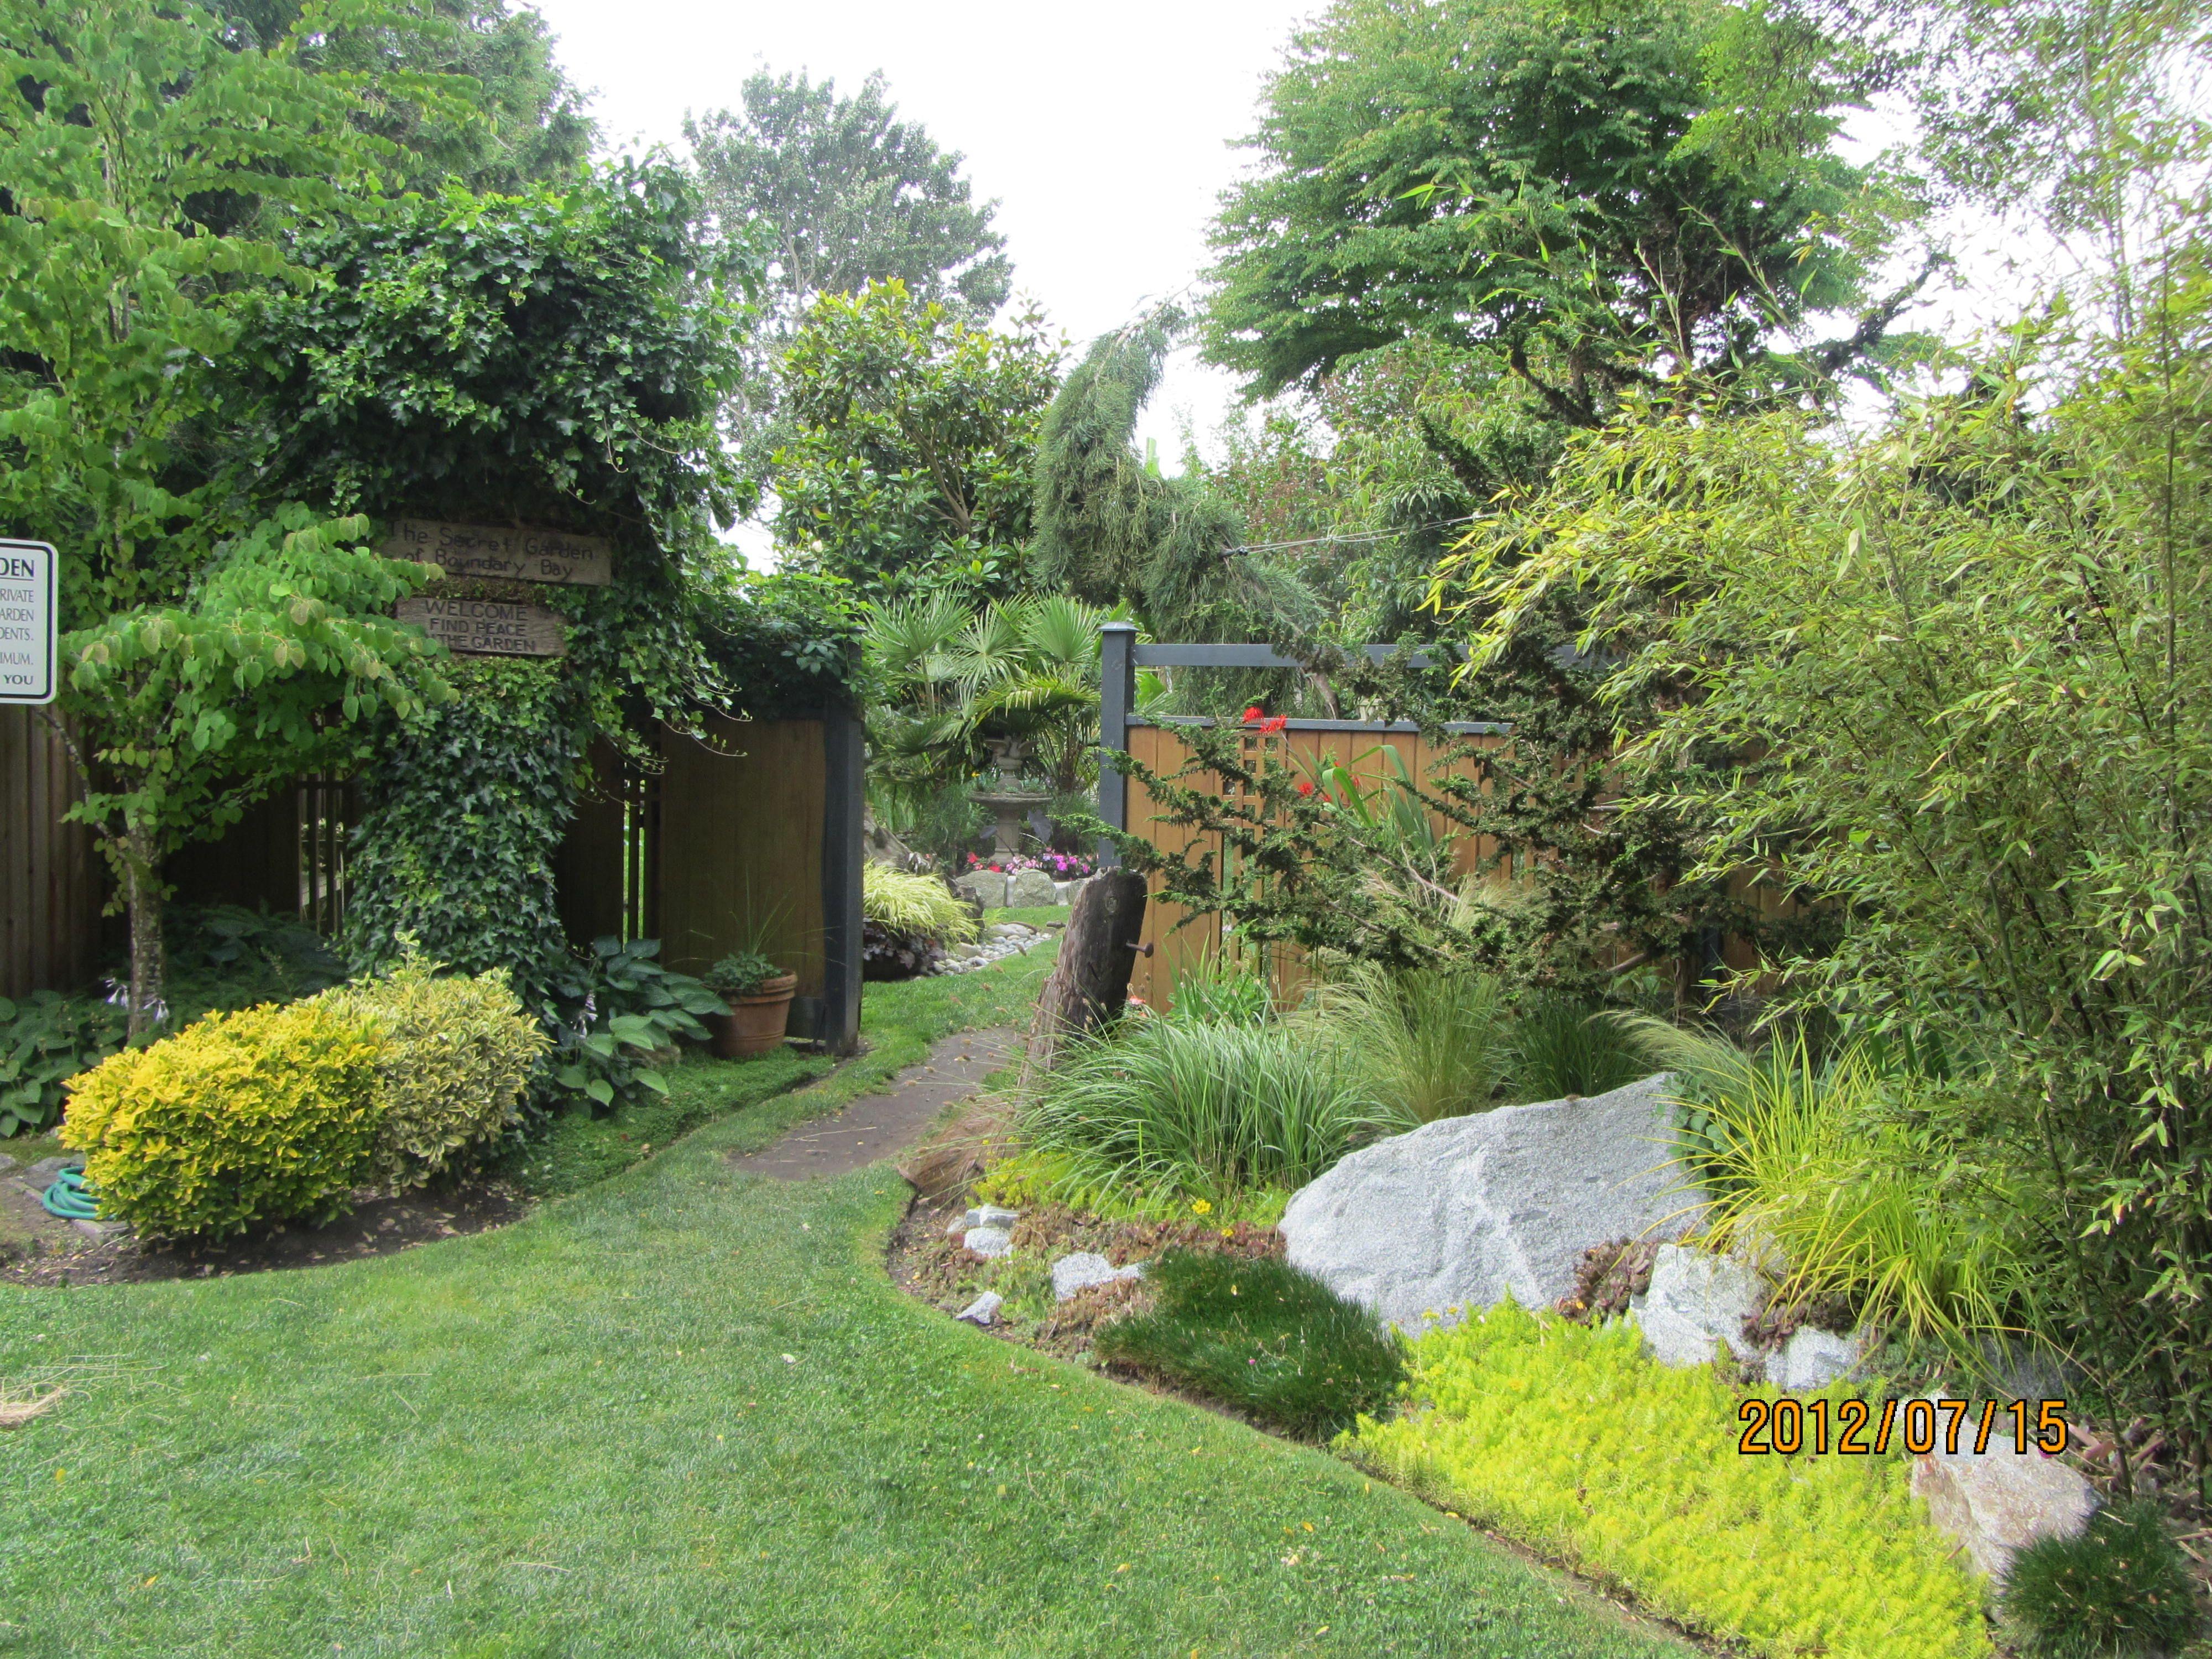 778cf5ca874f7079a356b21794ed9736 - Gardens Of Gethsemani Plots For Sale